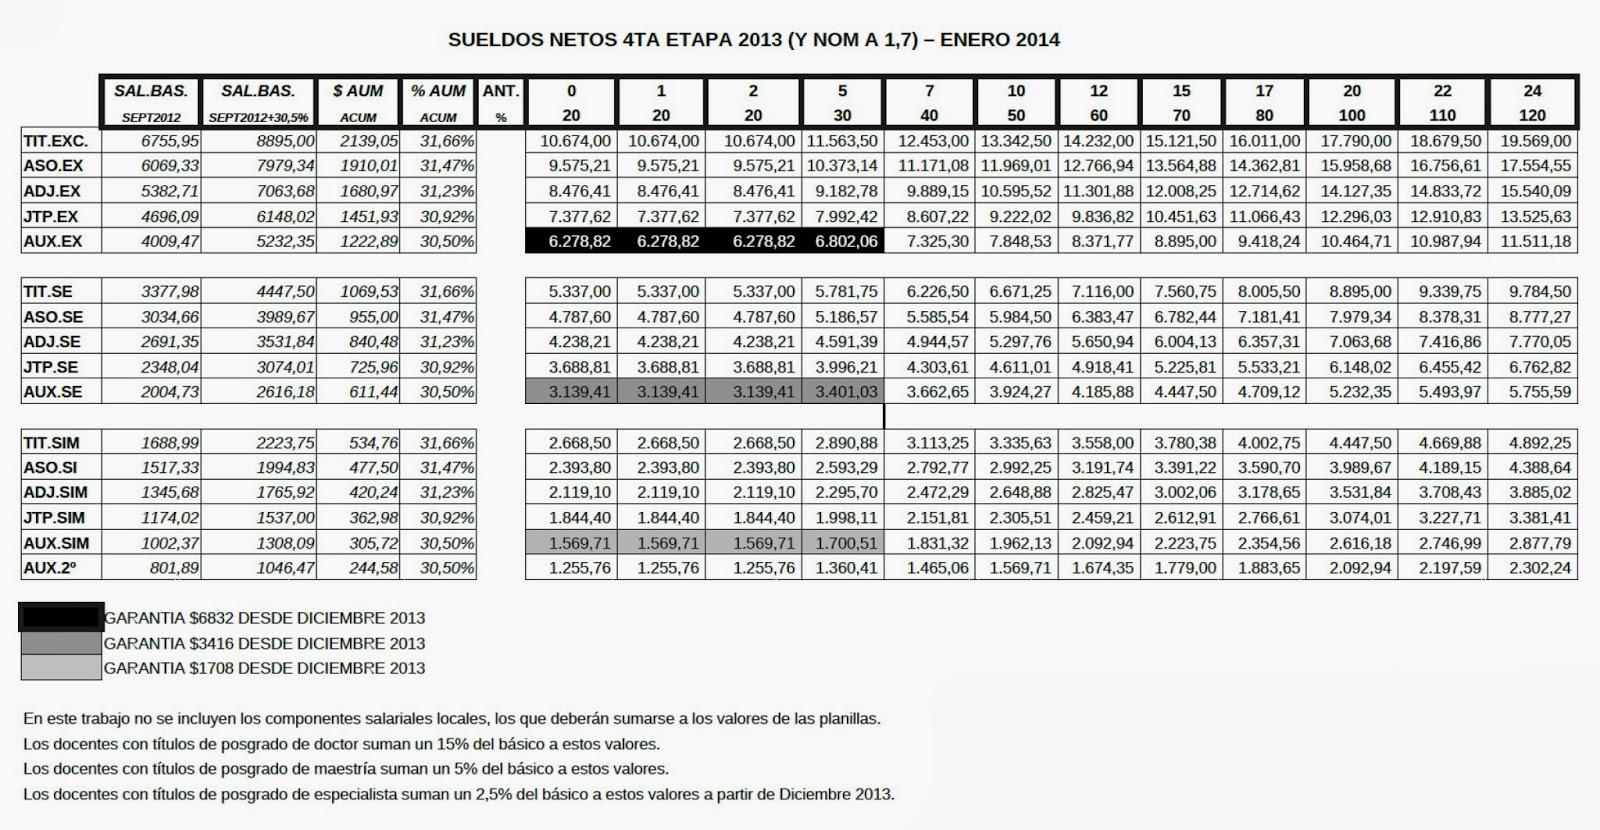 Cuarta etapa de aumento salarial docente: Enero 2014, 7 % para todas